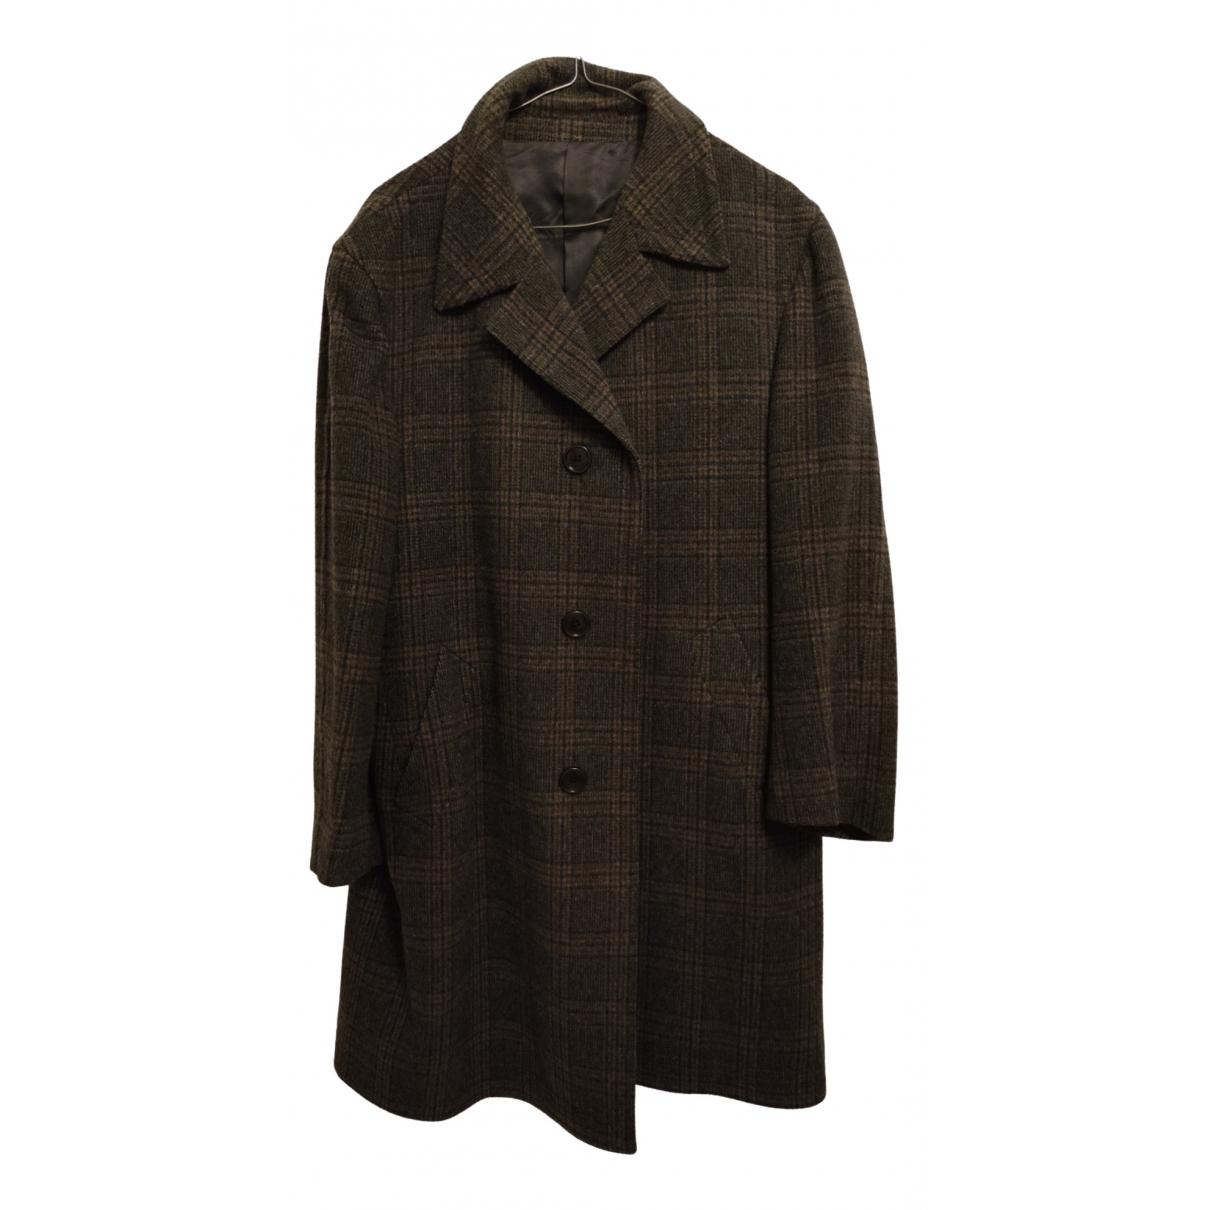 - Manteau Epaulettes pour homme en laine - gris